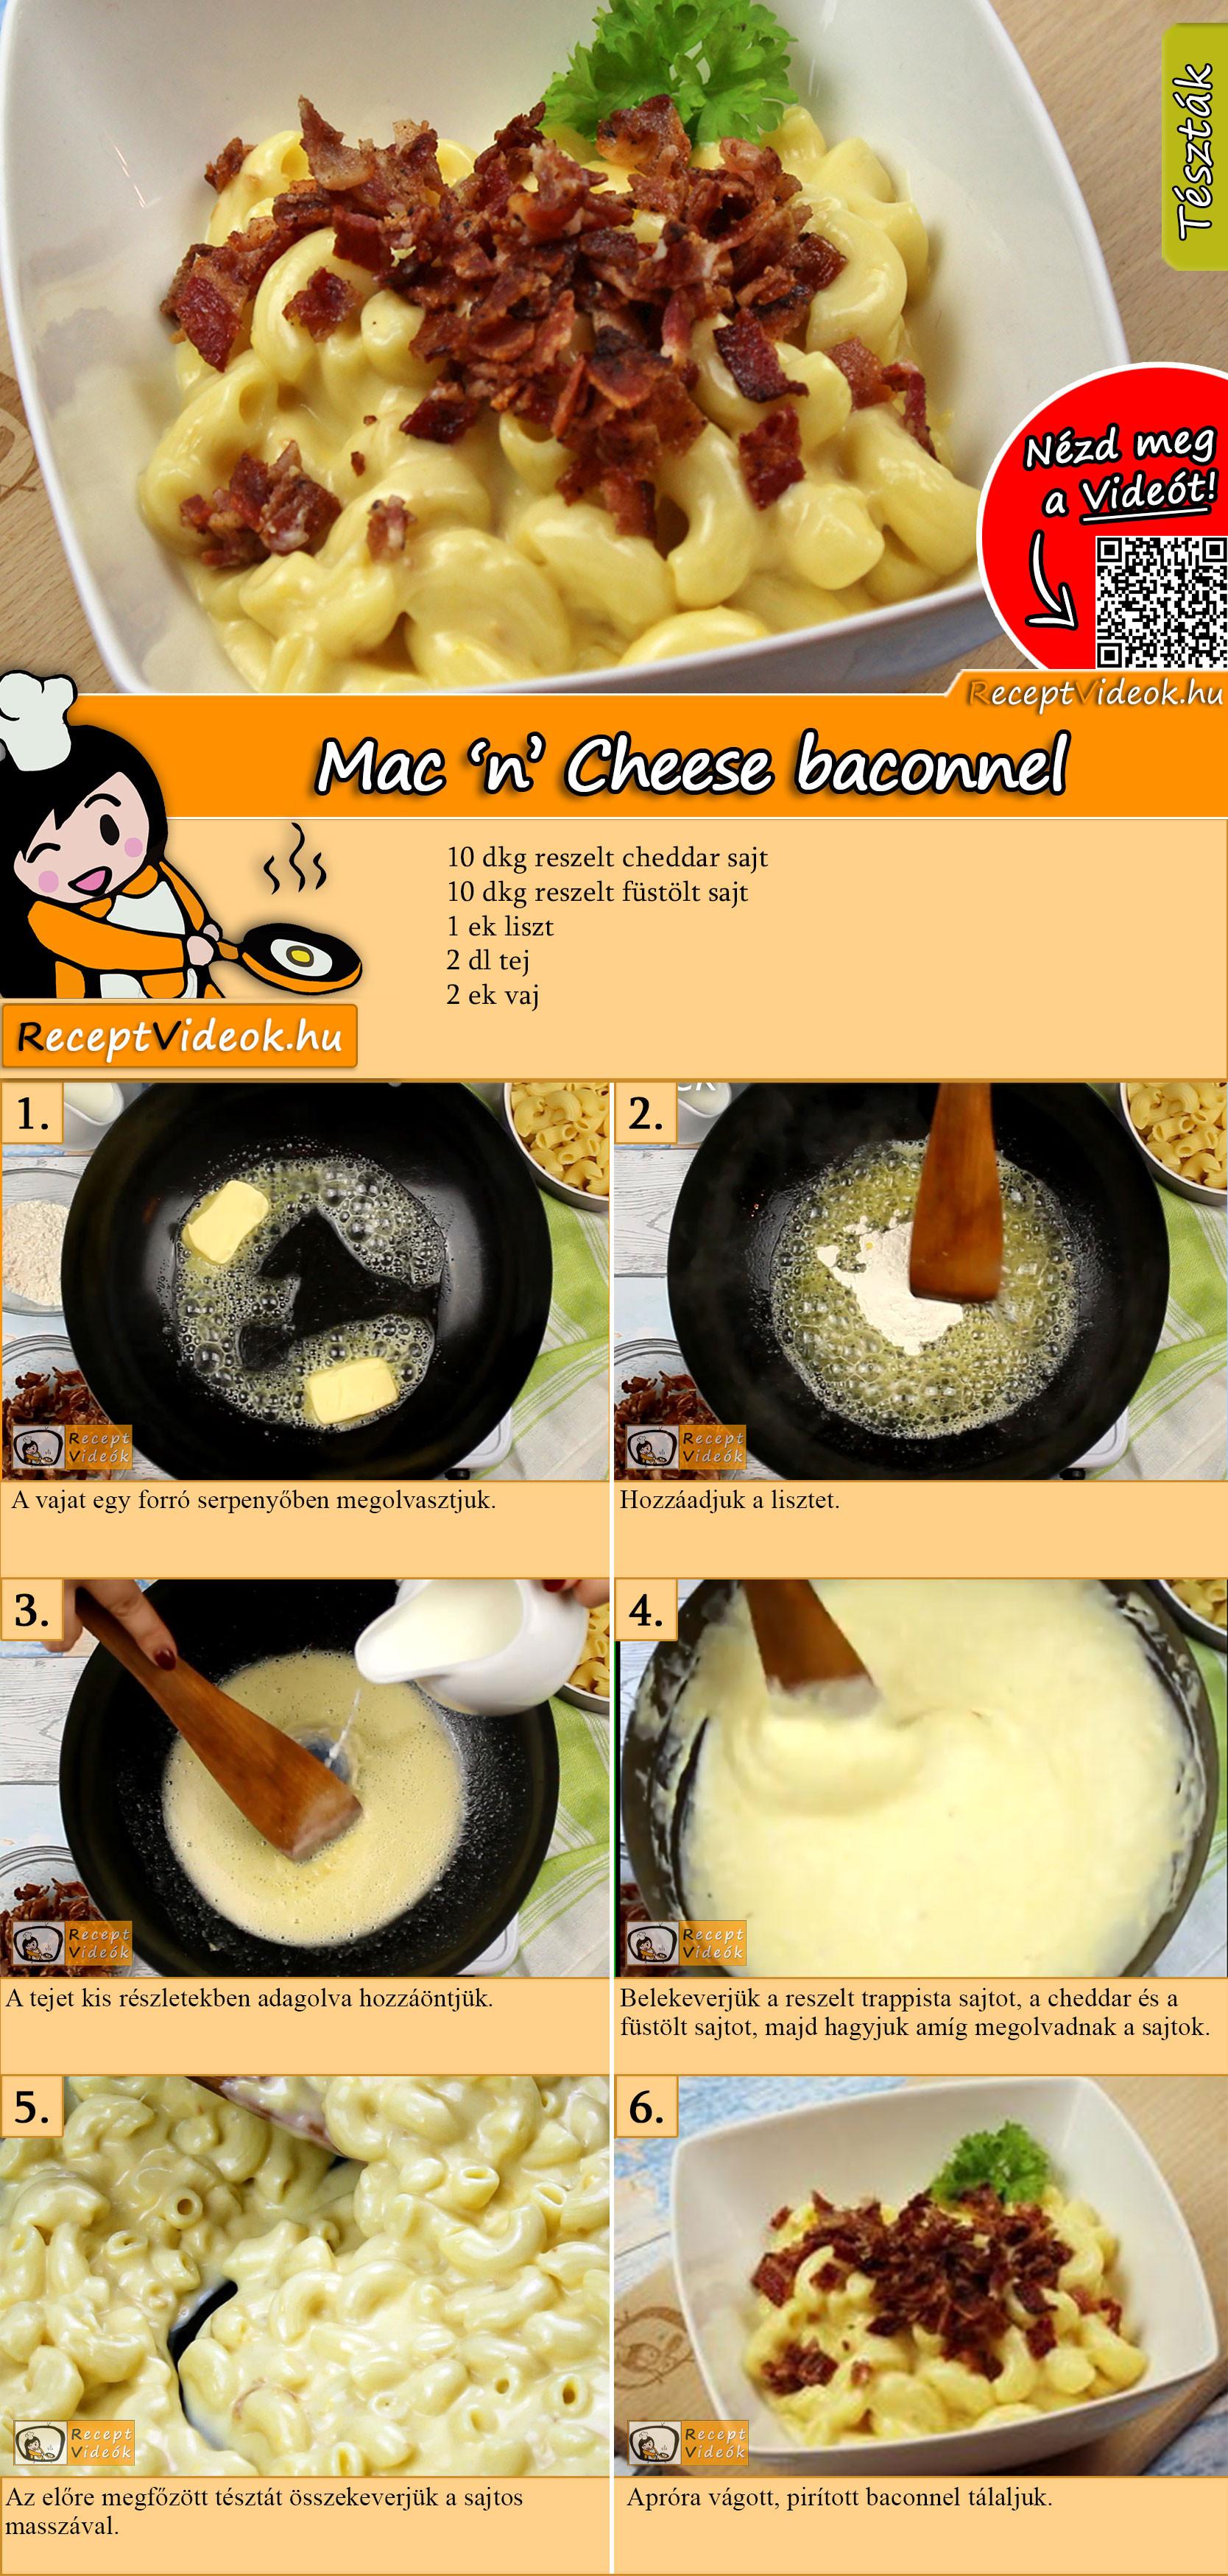 Mac 'n' Cheese baconnel recept elkészítése videóval